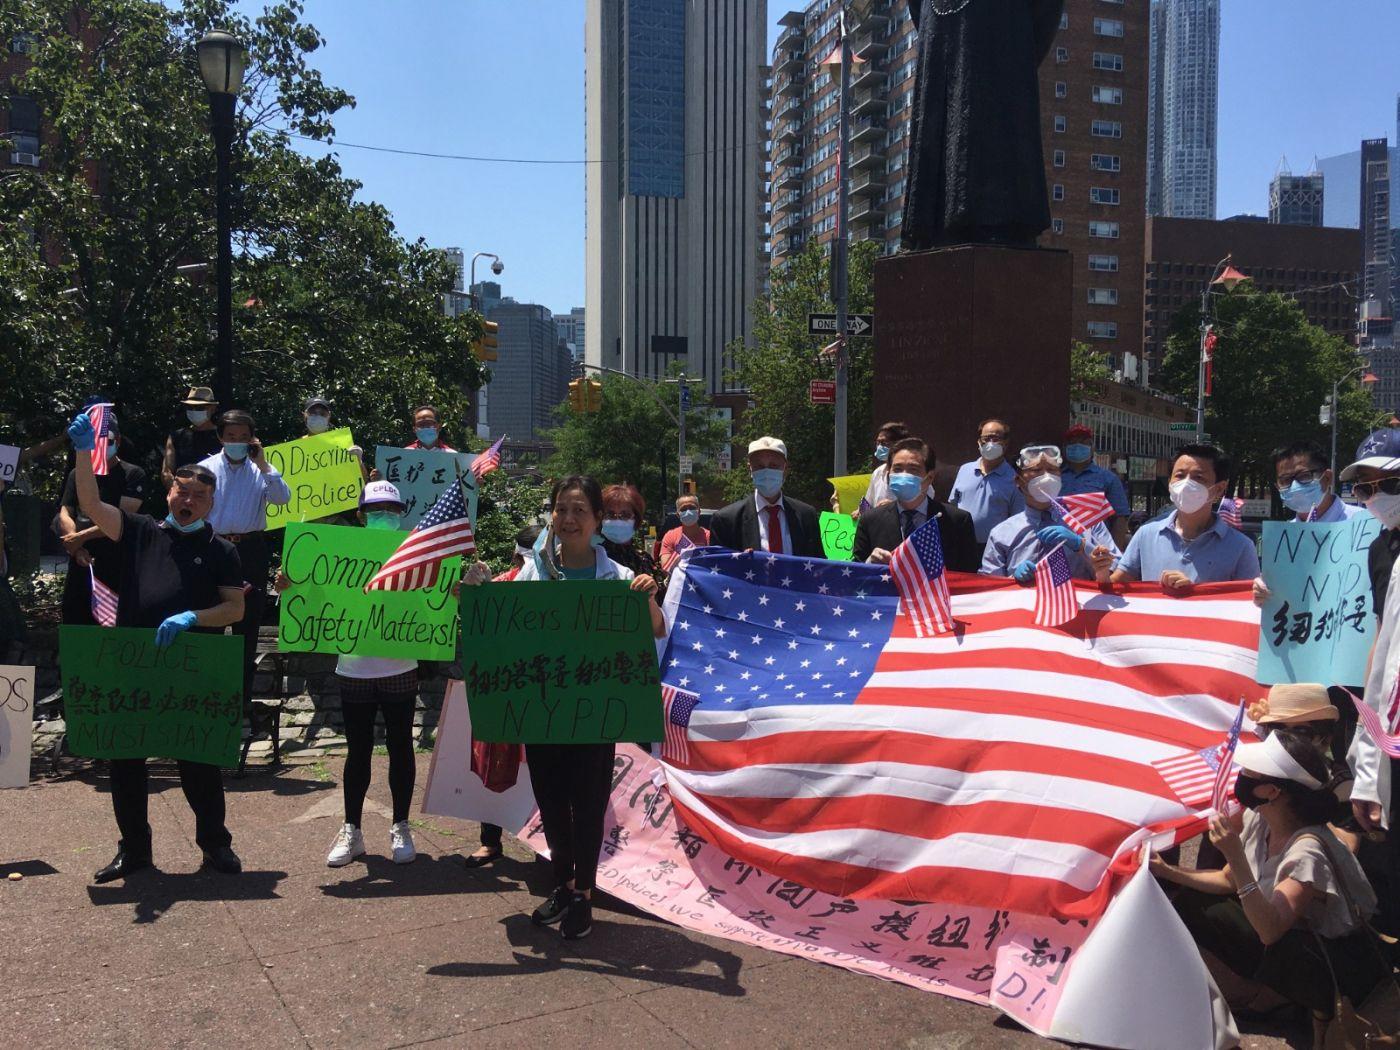 纽约华埠侨团声援支持纽约警察活动_图1-14